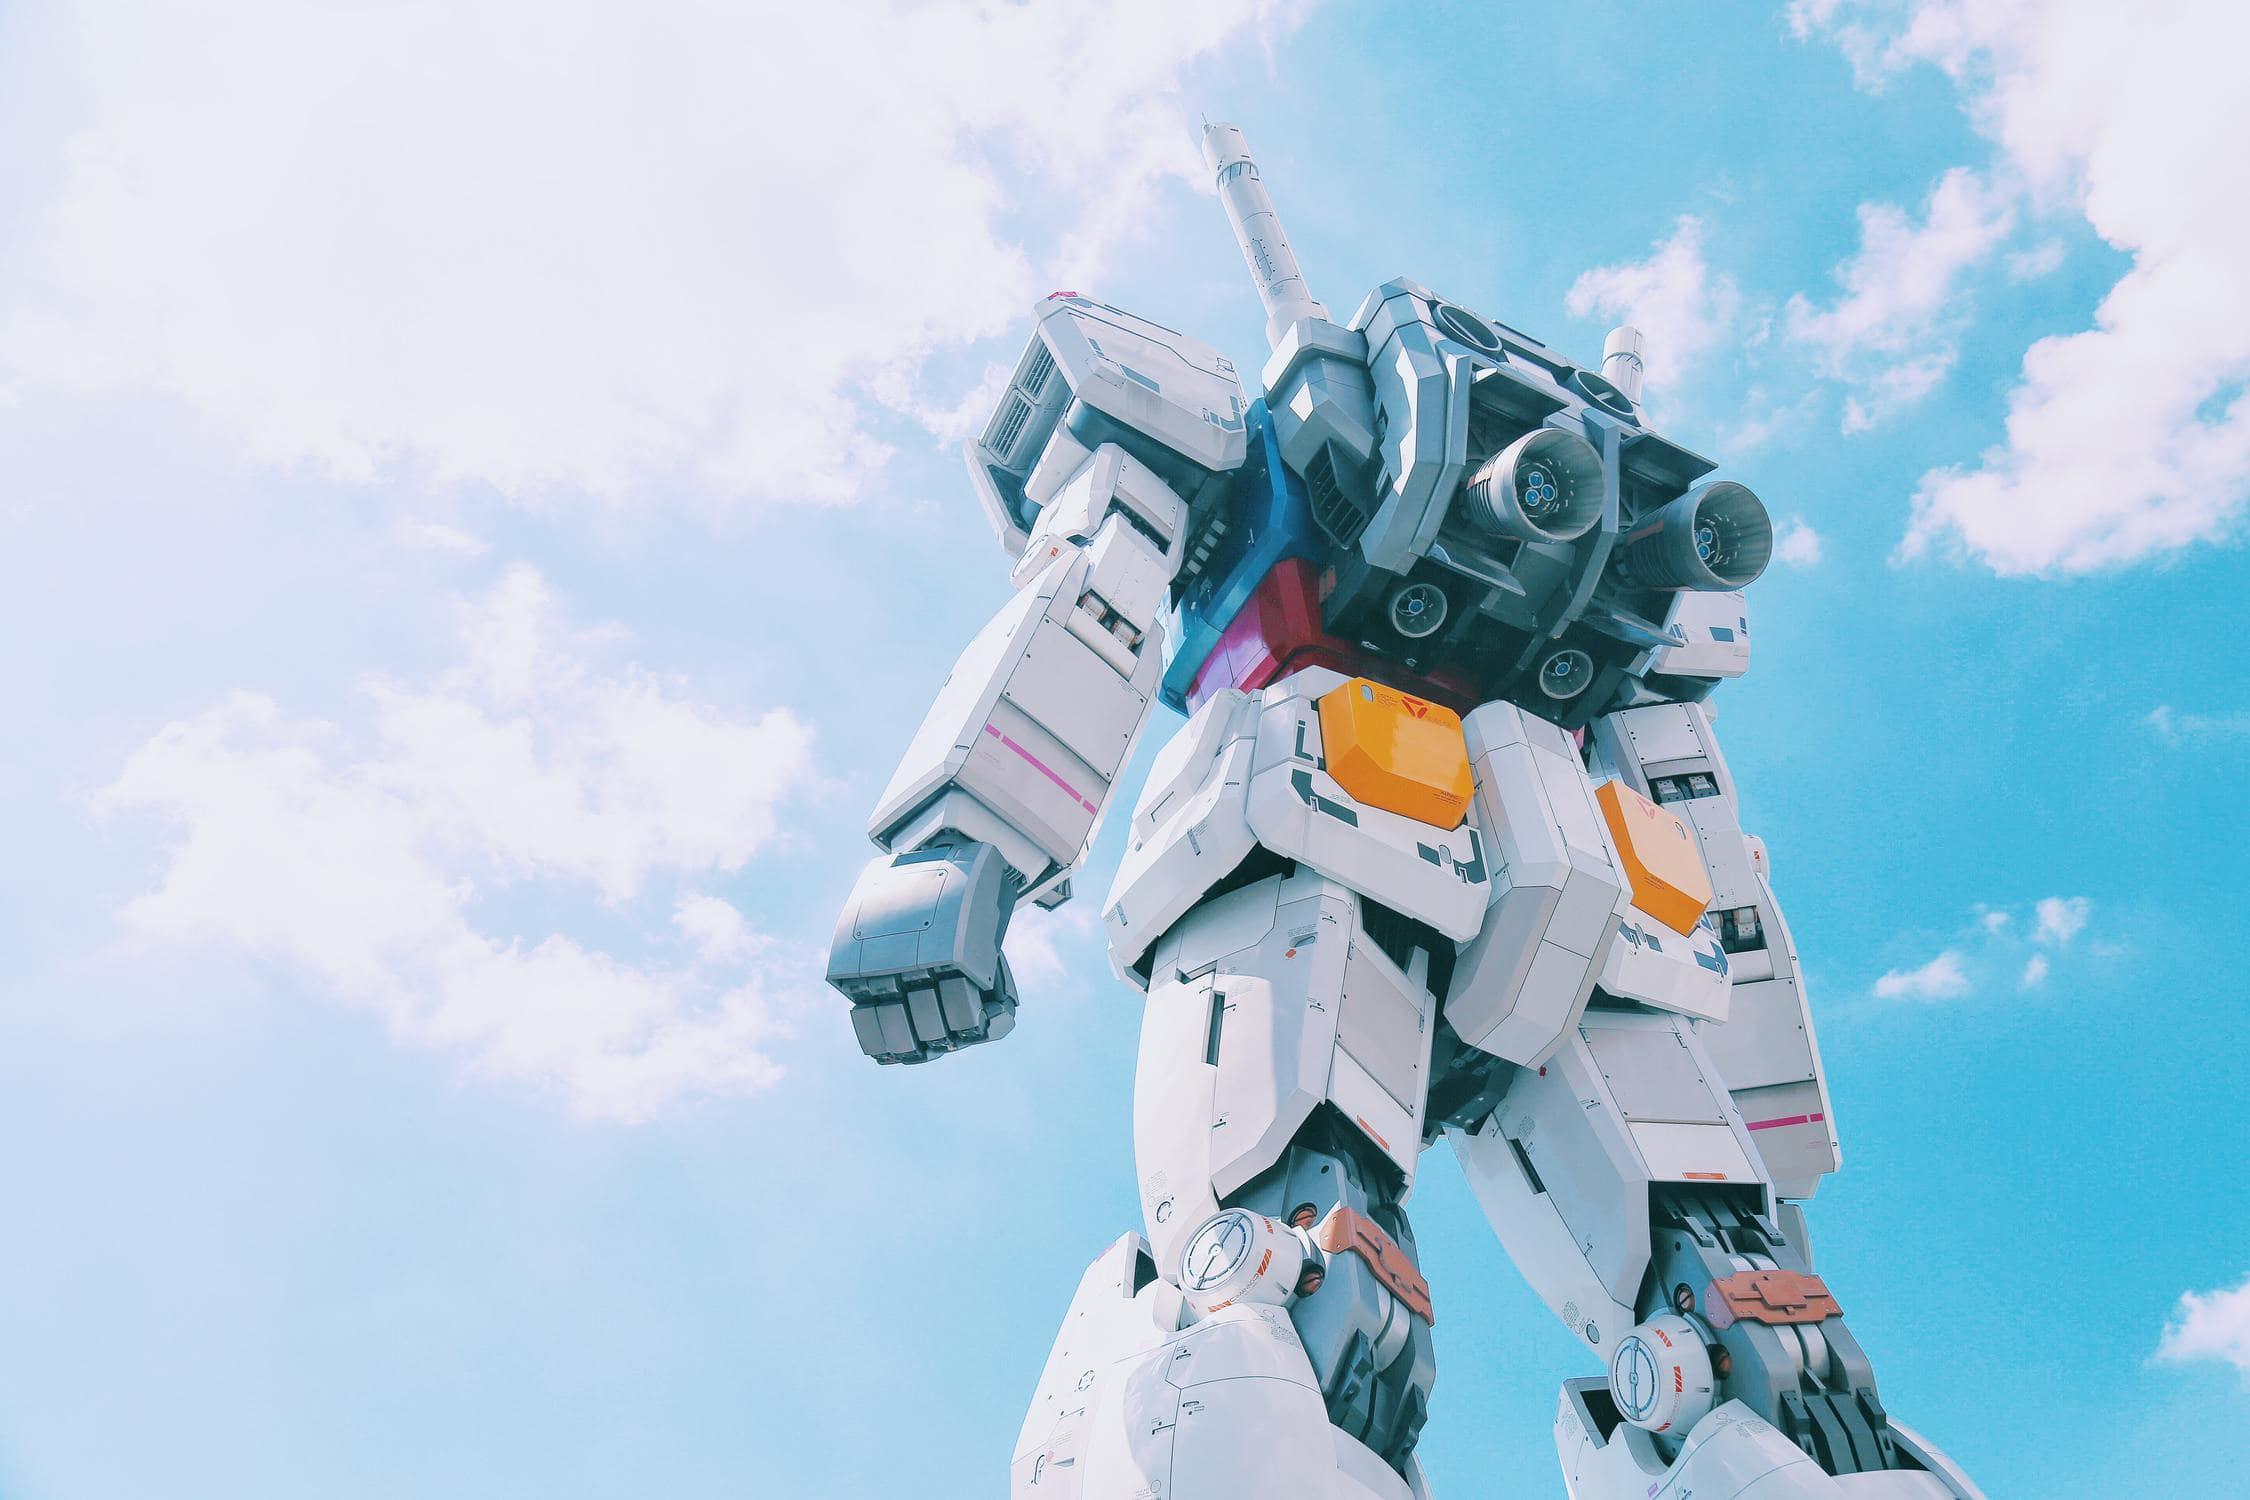 Spielzeugartiker Roboter zu sehen aus Froschperspektive vor blauem, sonnigem Himmel als Hintergrund